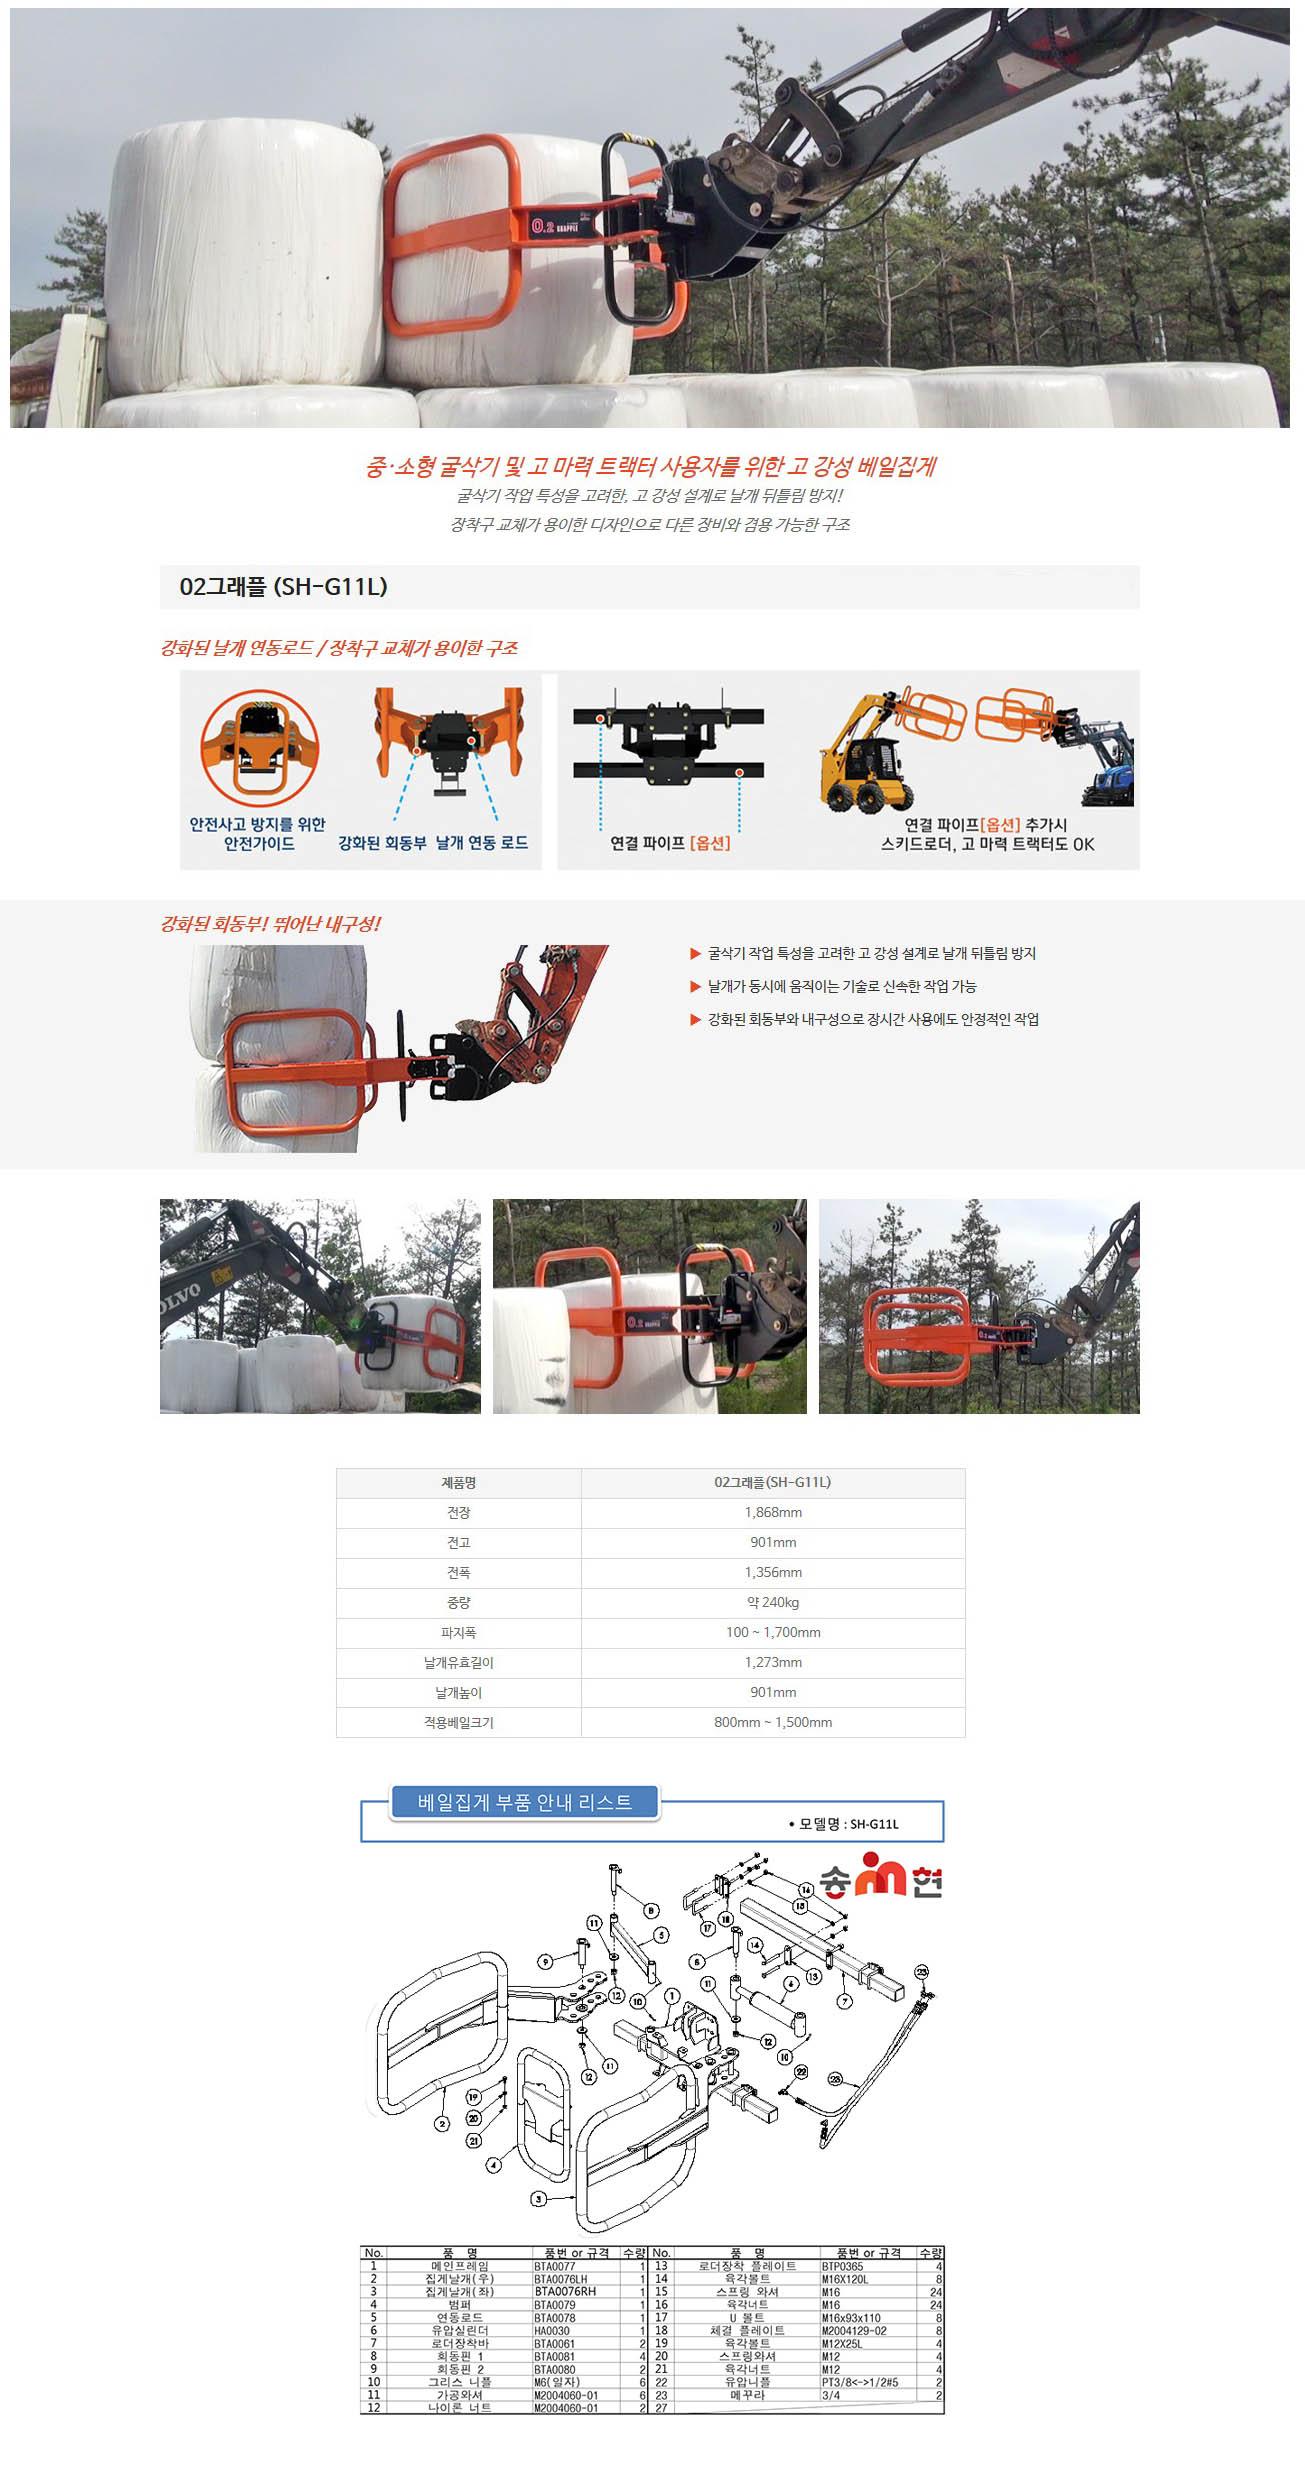 송현 02그래플 SH-G11L